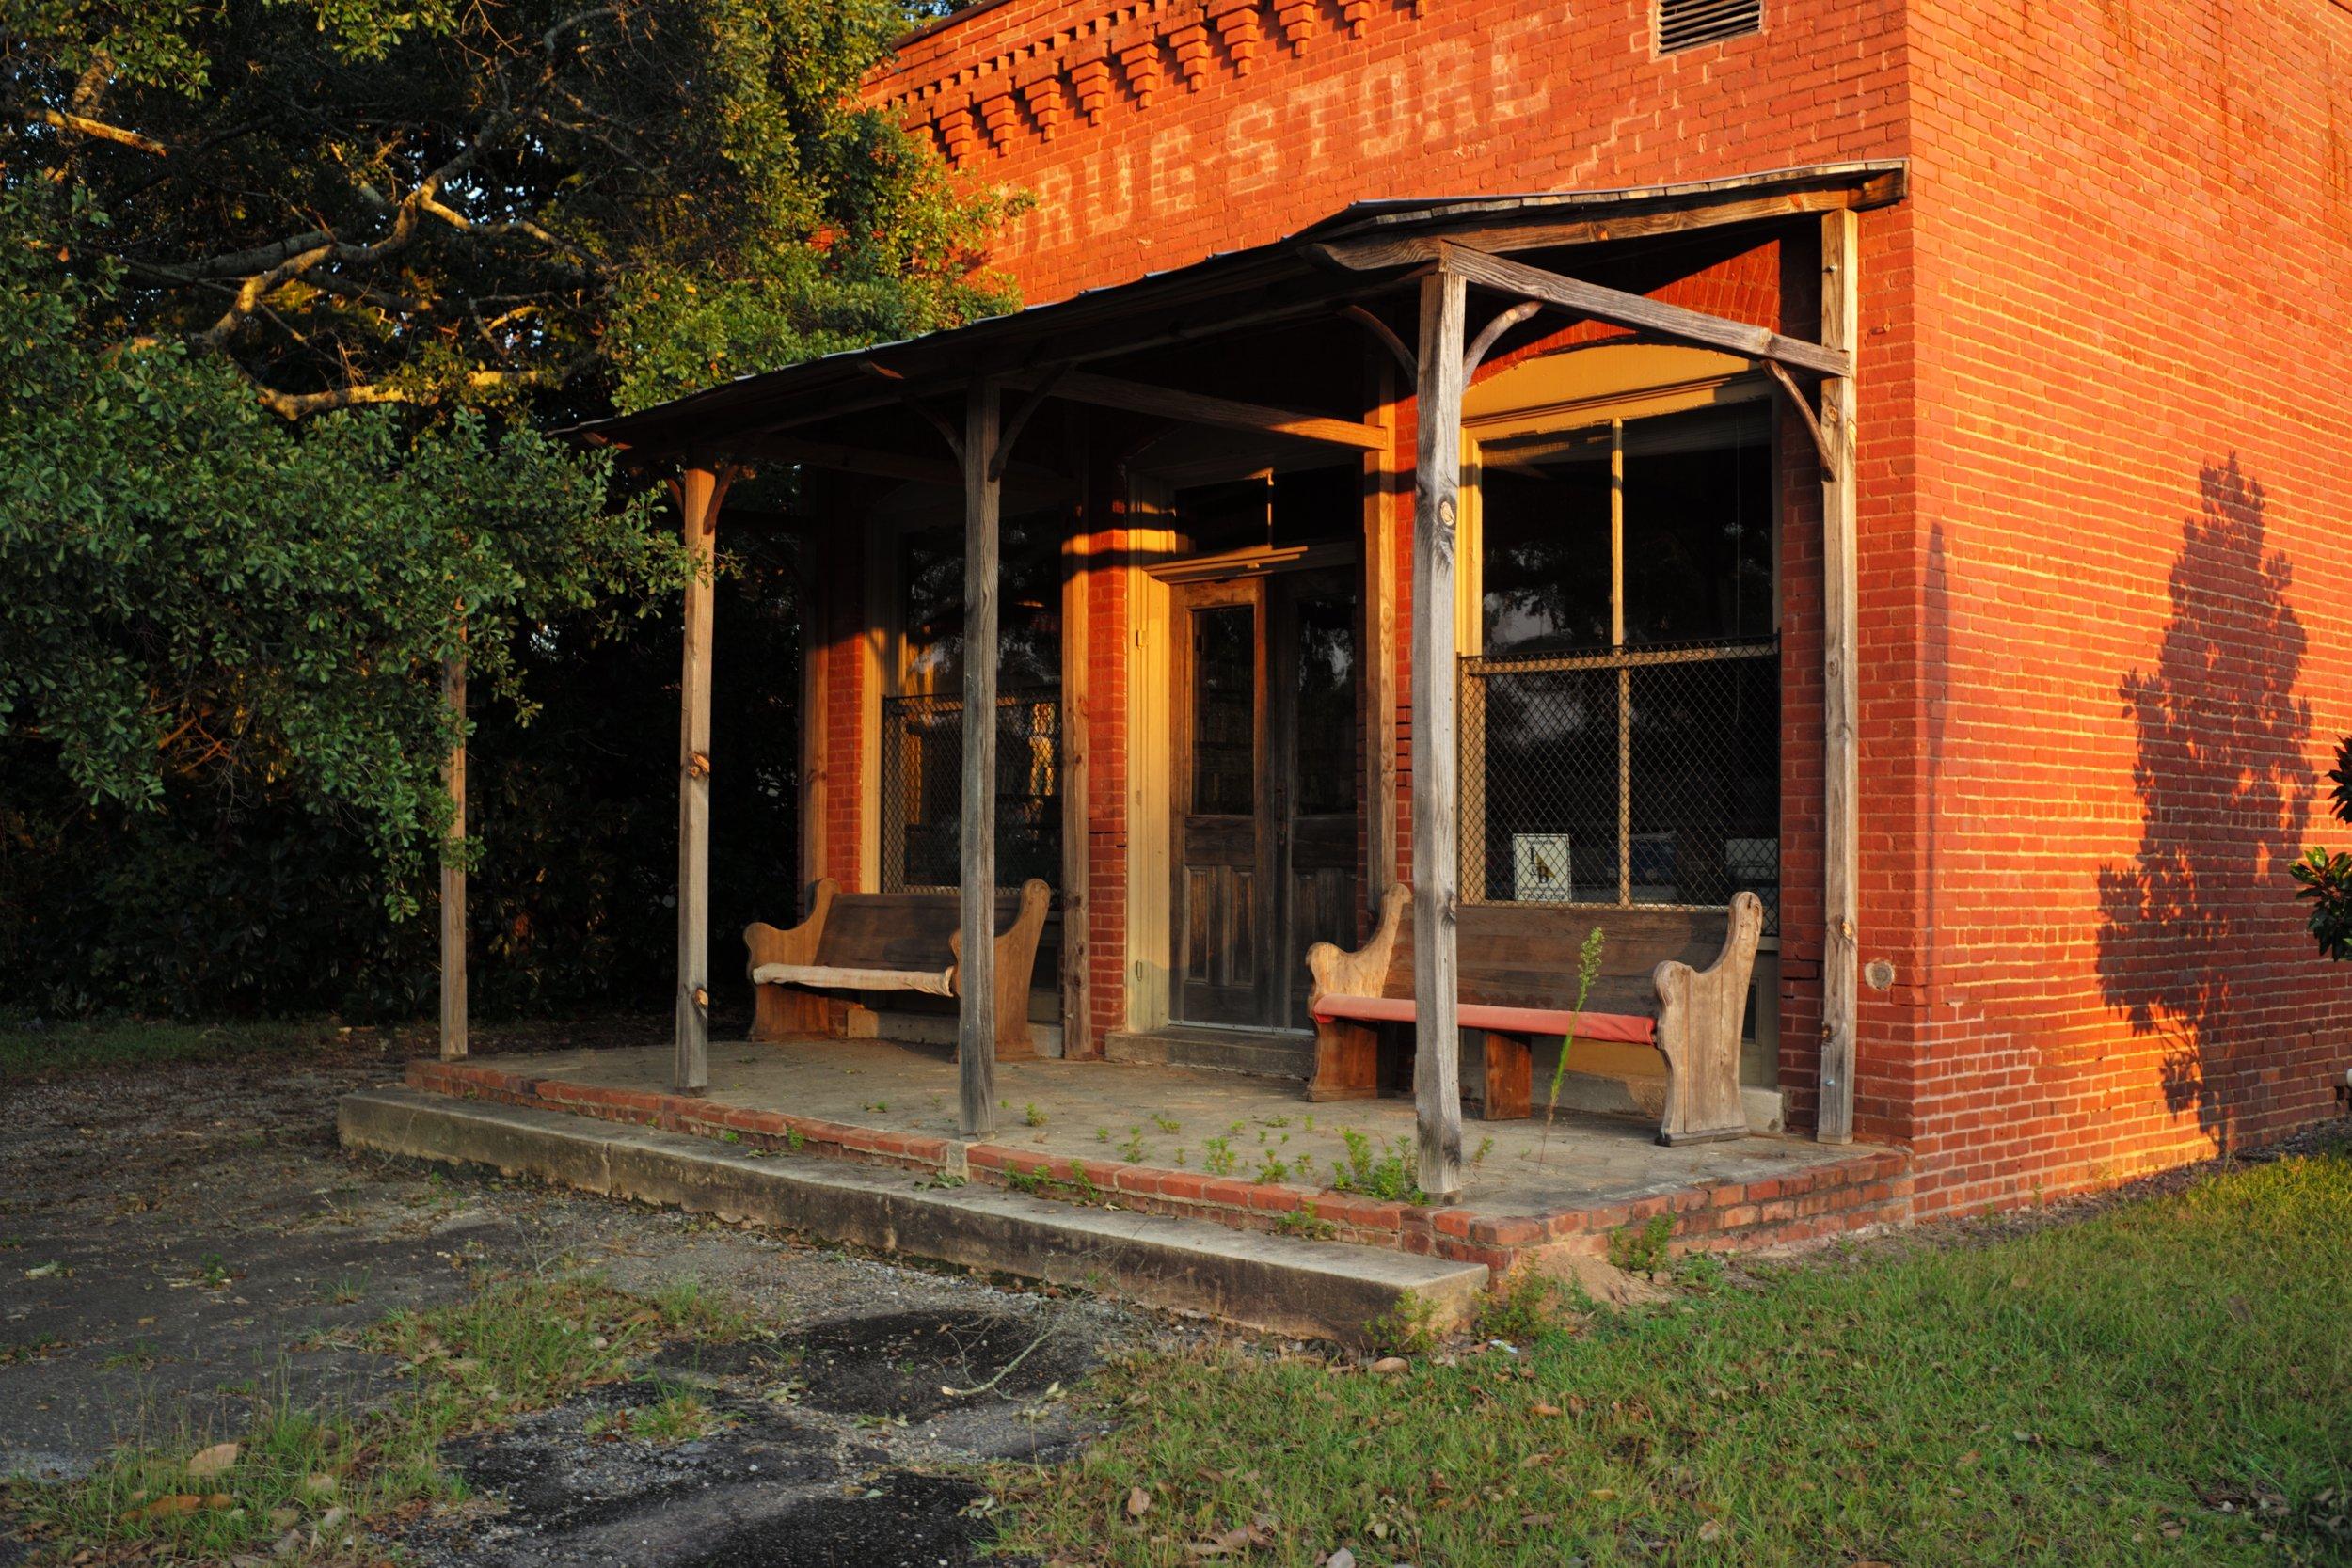 Untitled, Concord, GA